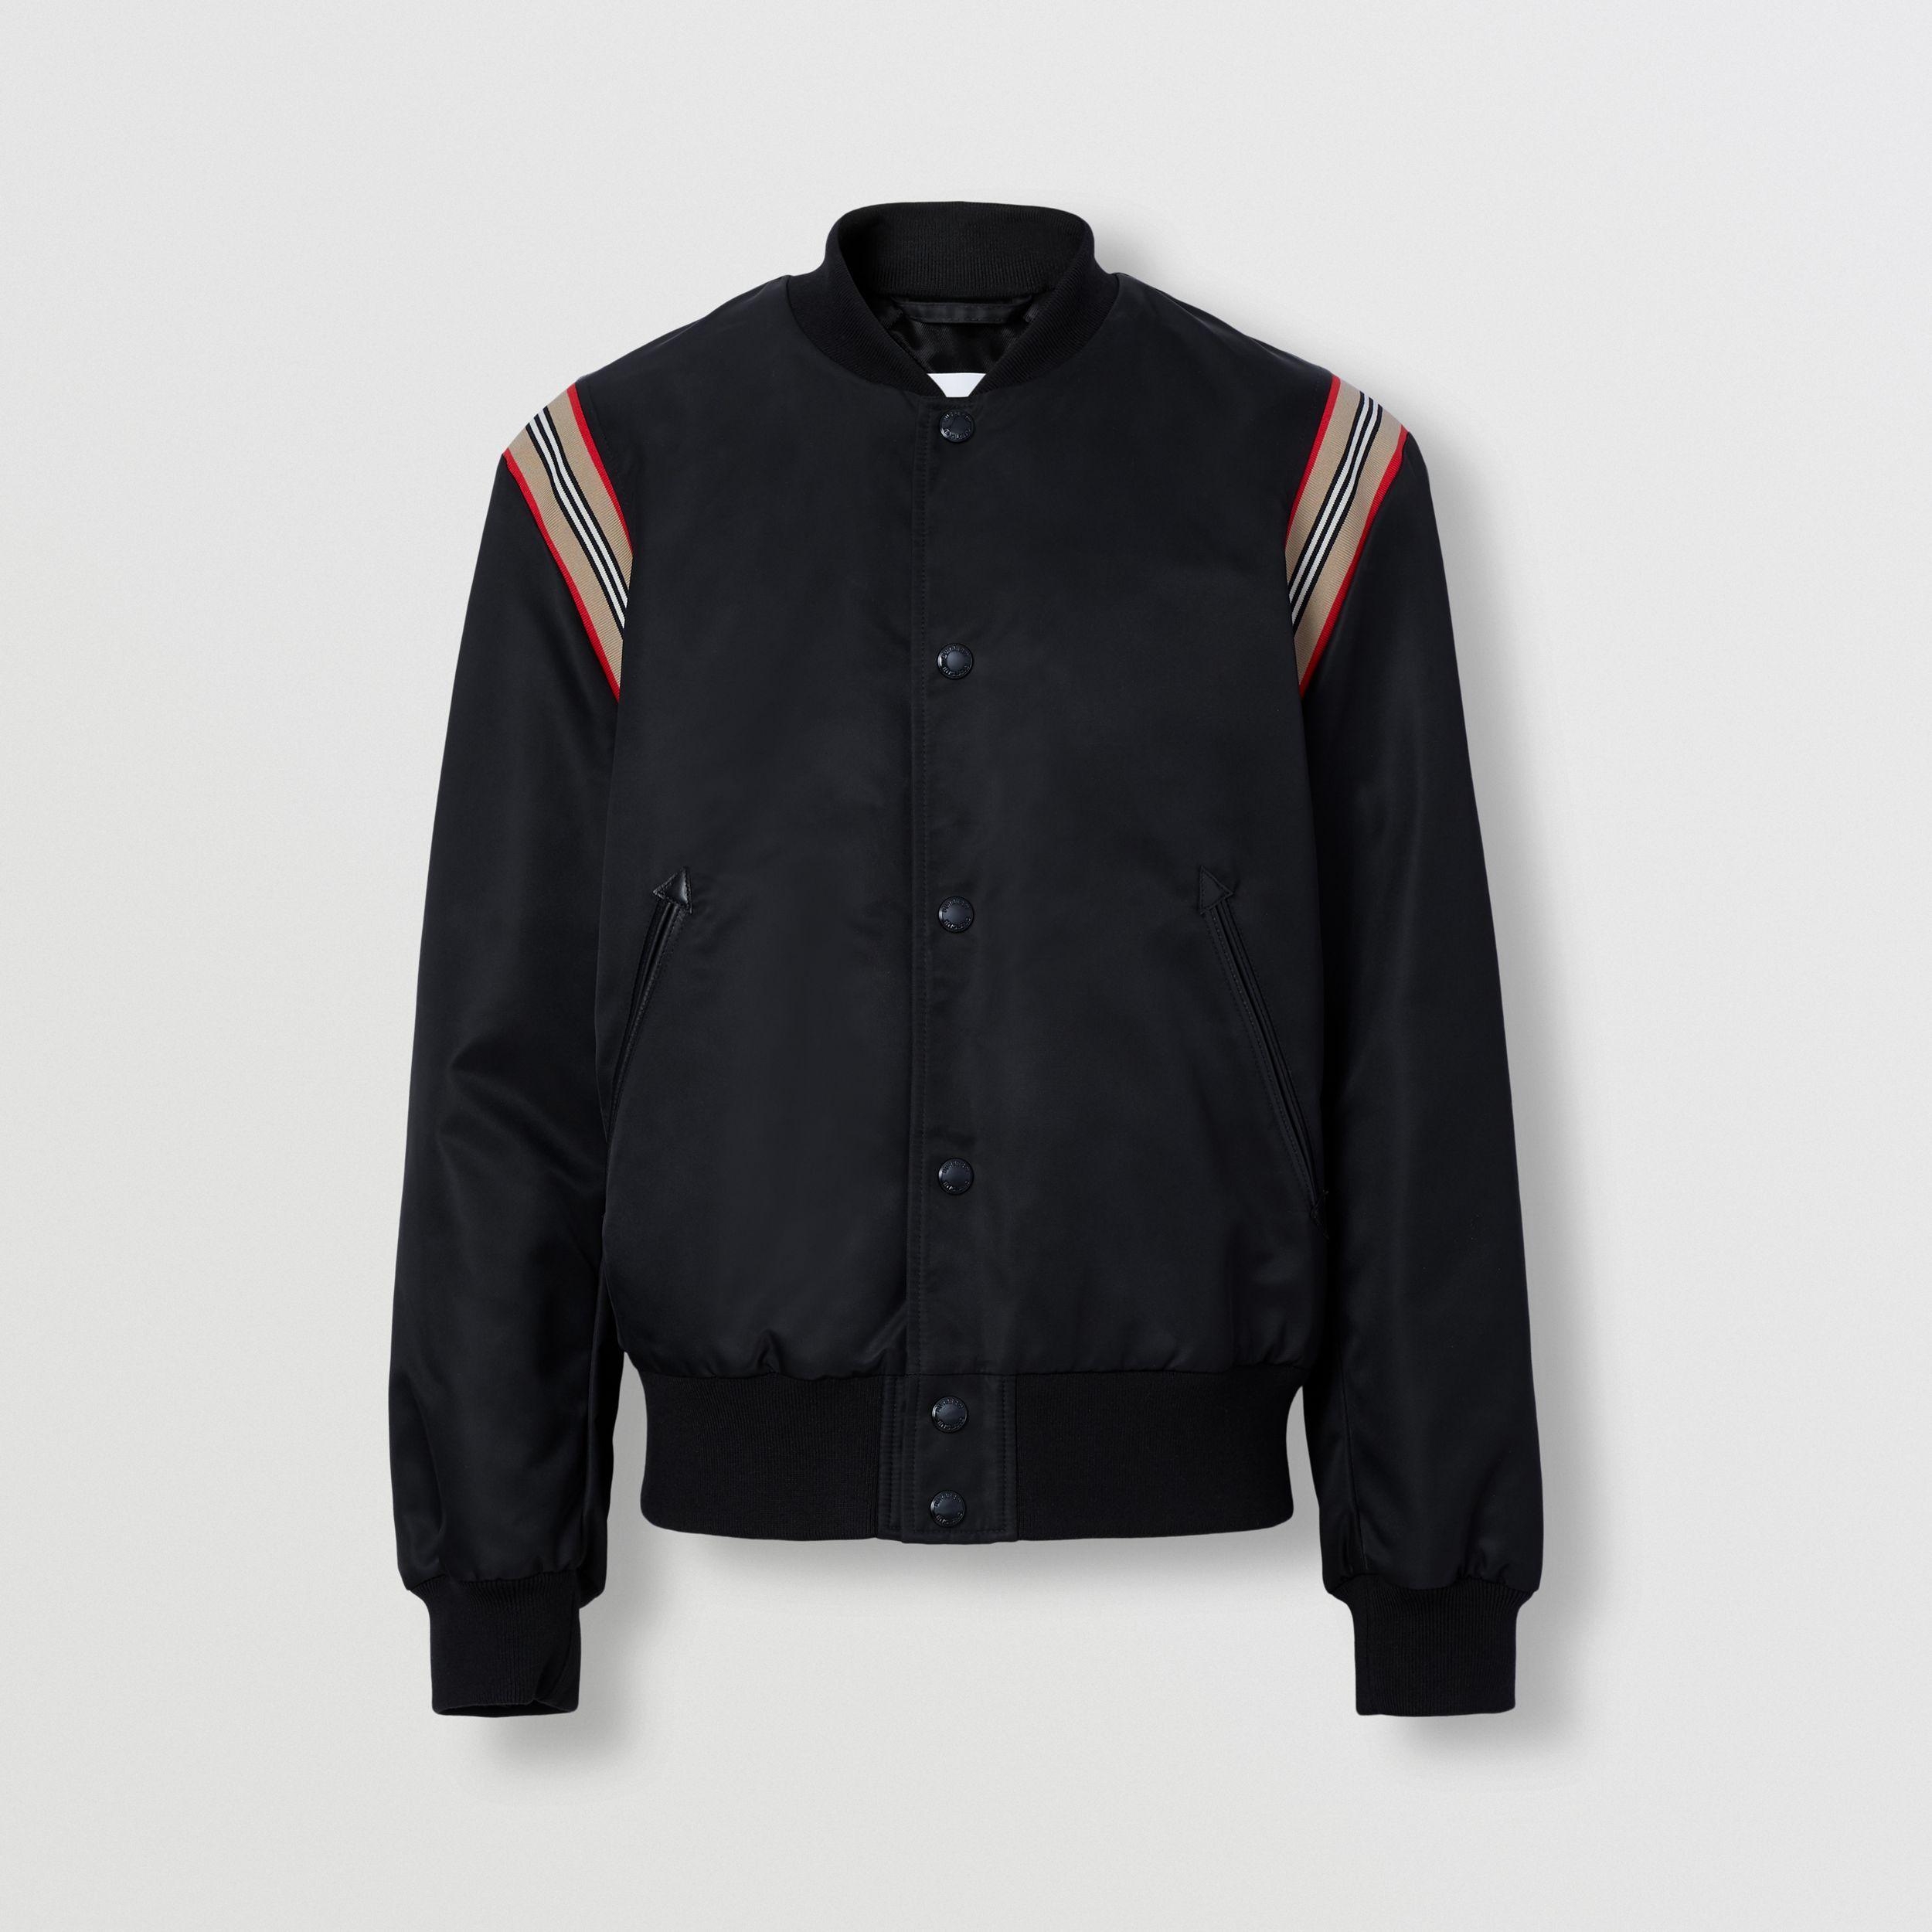 Pin On Shop Men S Coats Jackets Vests [ 2500 x 2500 Pixel ]